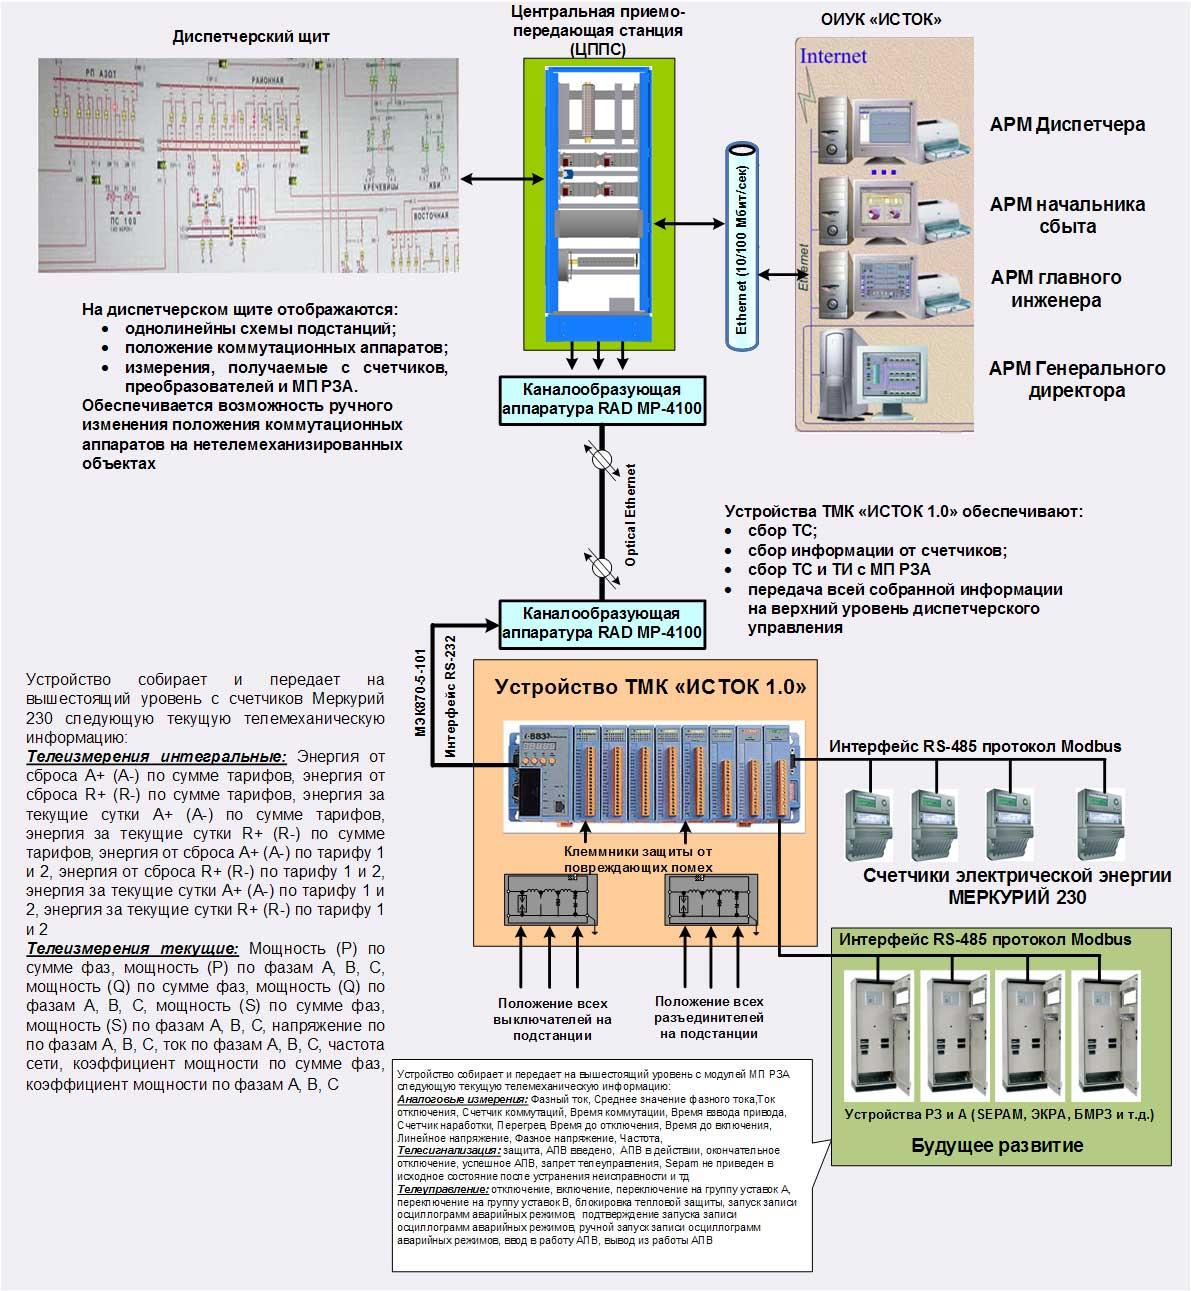 Структурные схемы тяговых подстанций